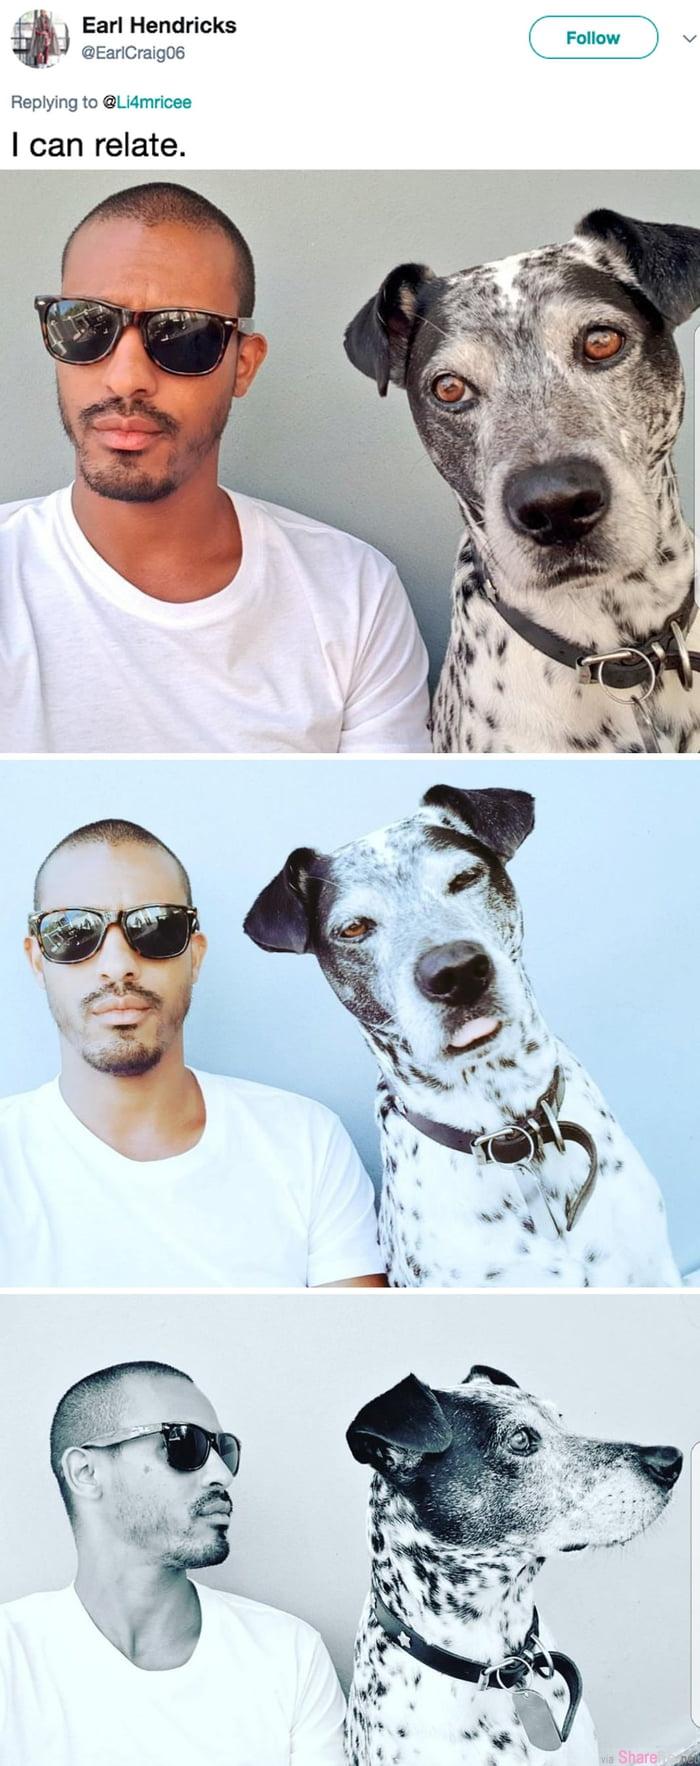 帅哥上传狗狗模仿自己的照片,意外掀起动物神模仿萌翻网友